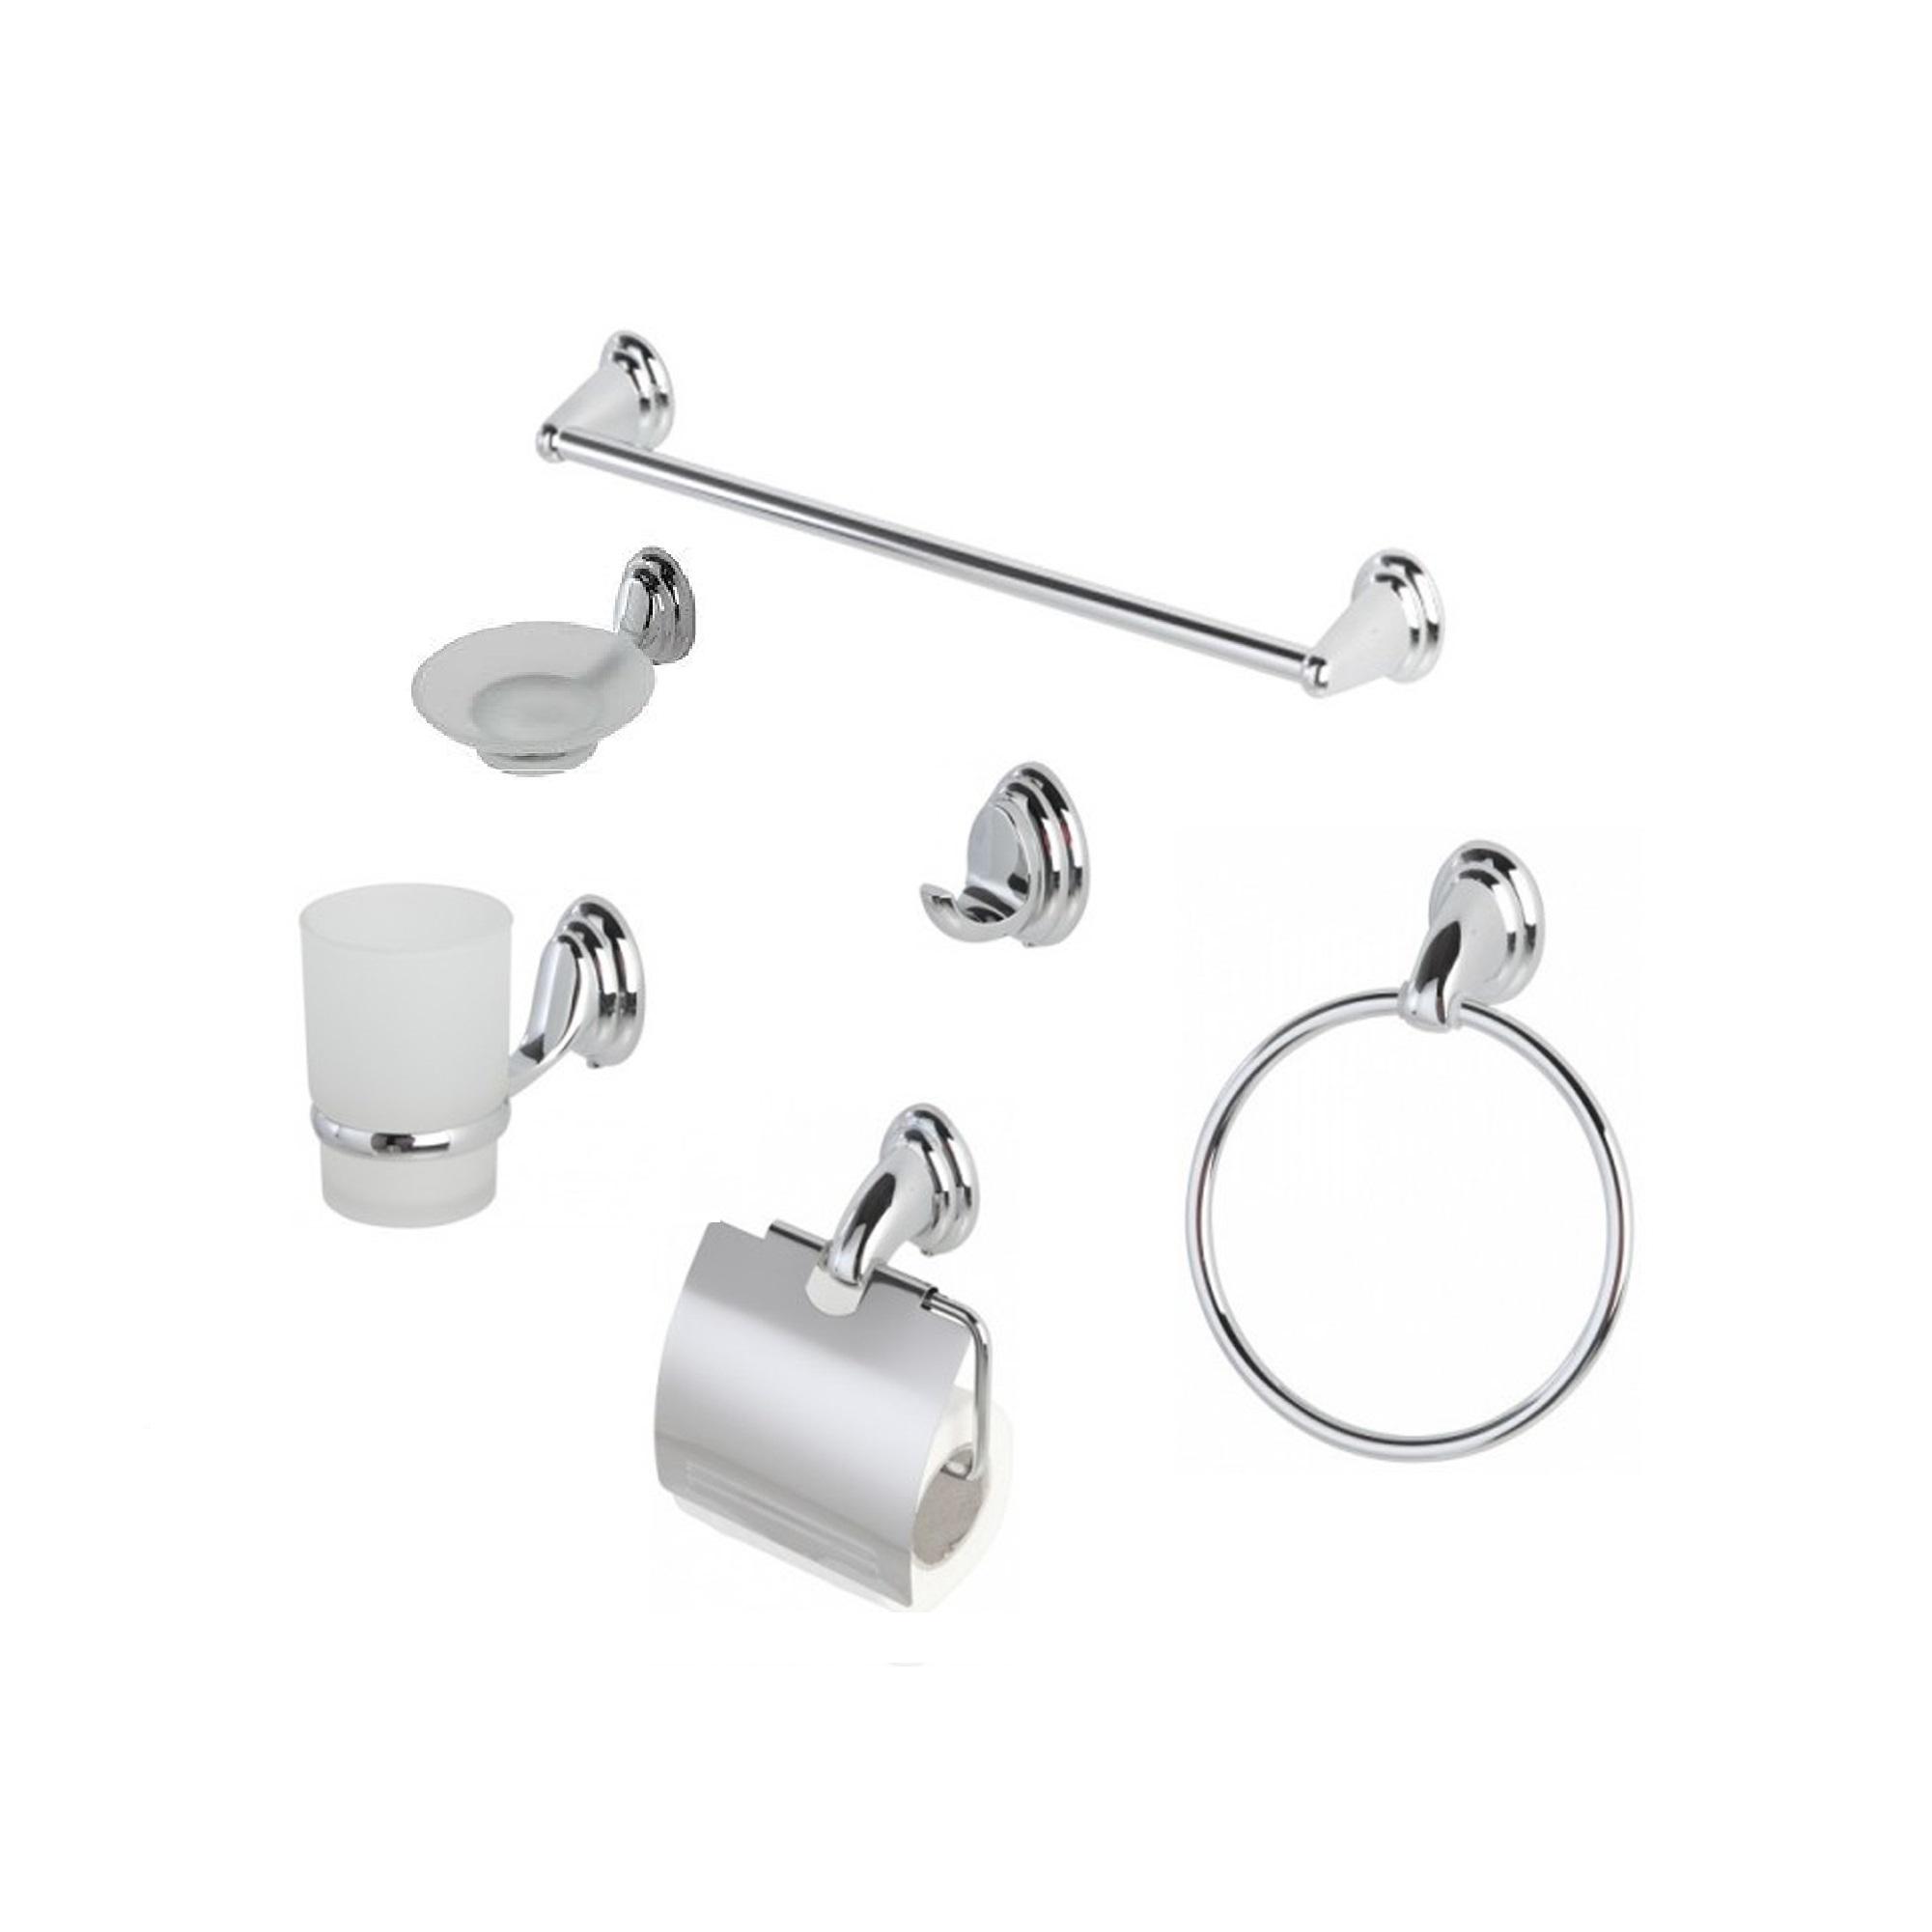 Kit accessori bagno 6 pezzi cromato portasapone for Accessori bagno ebay